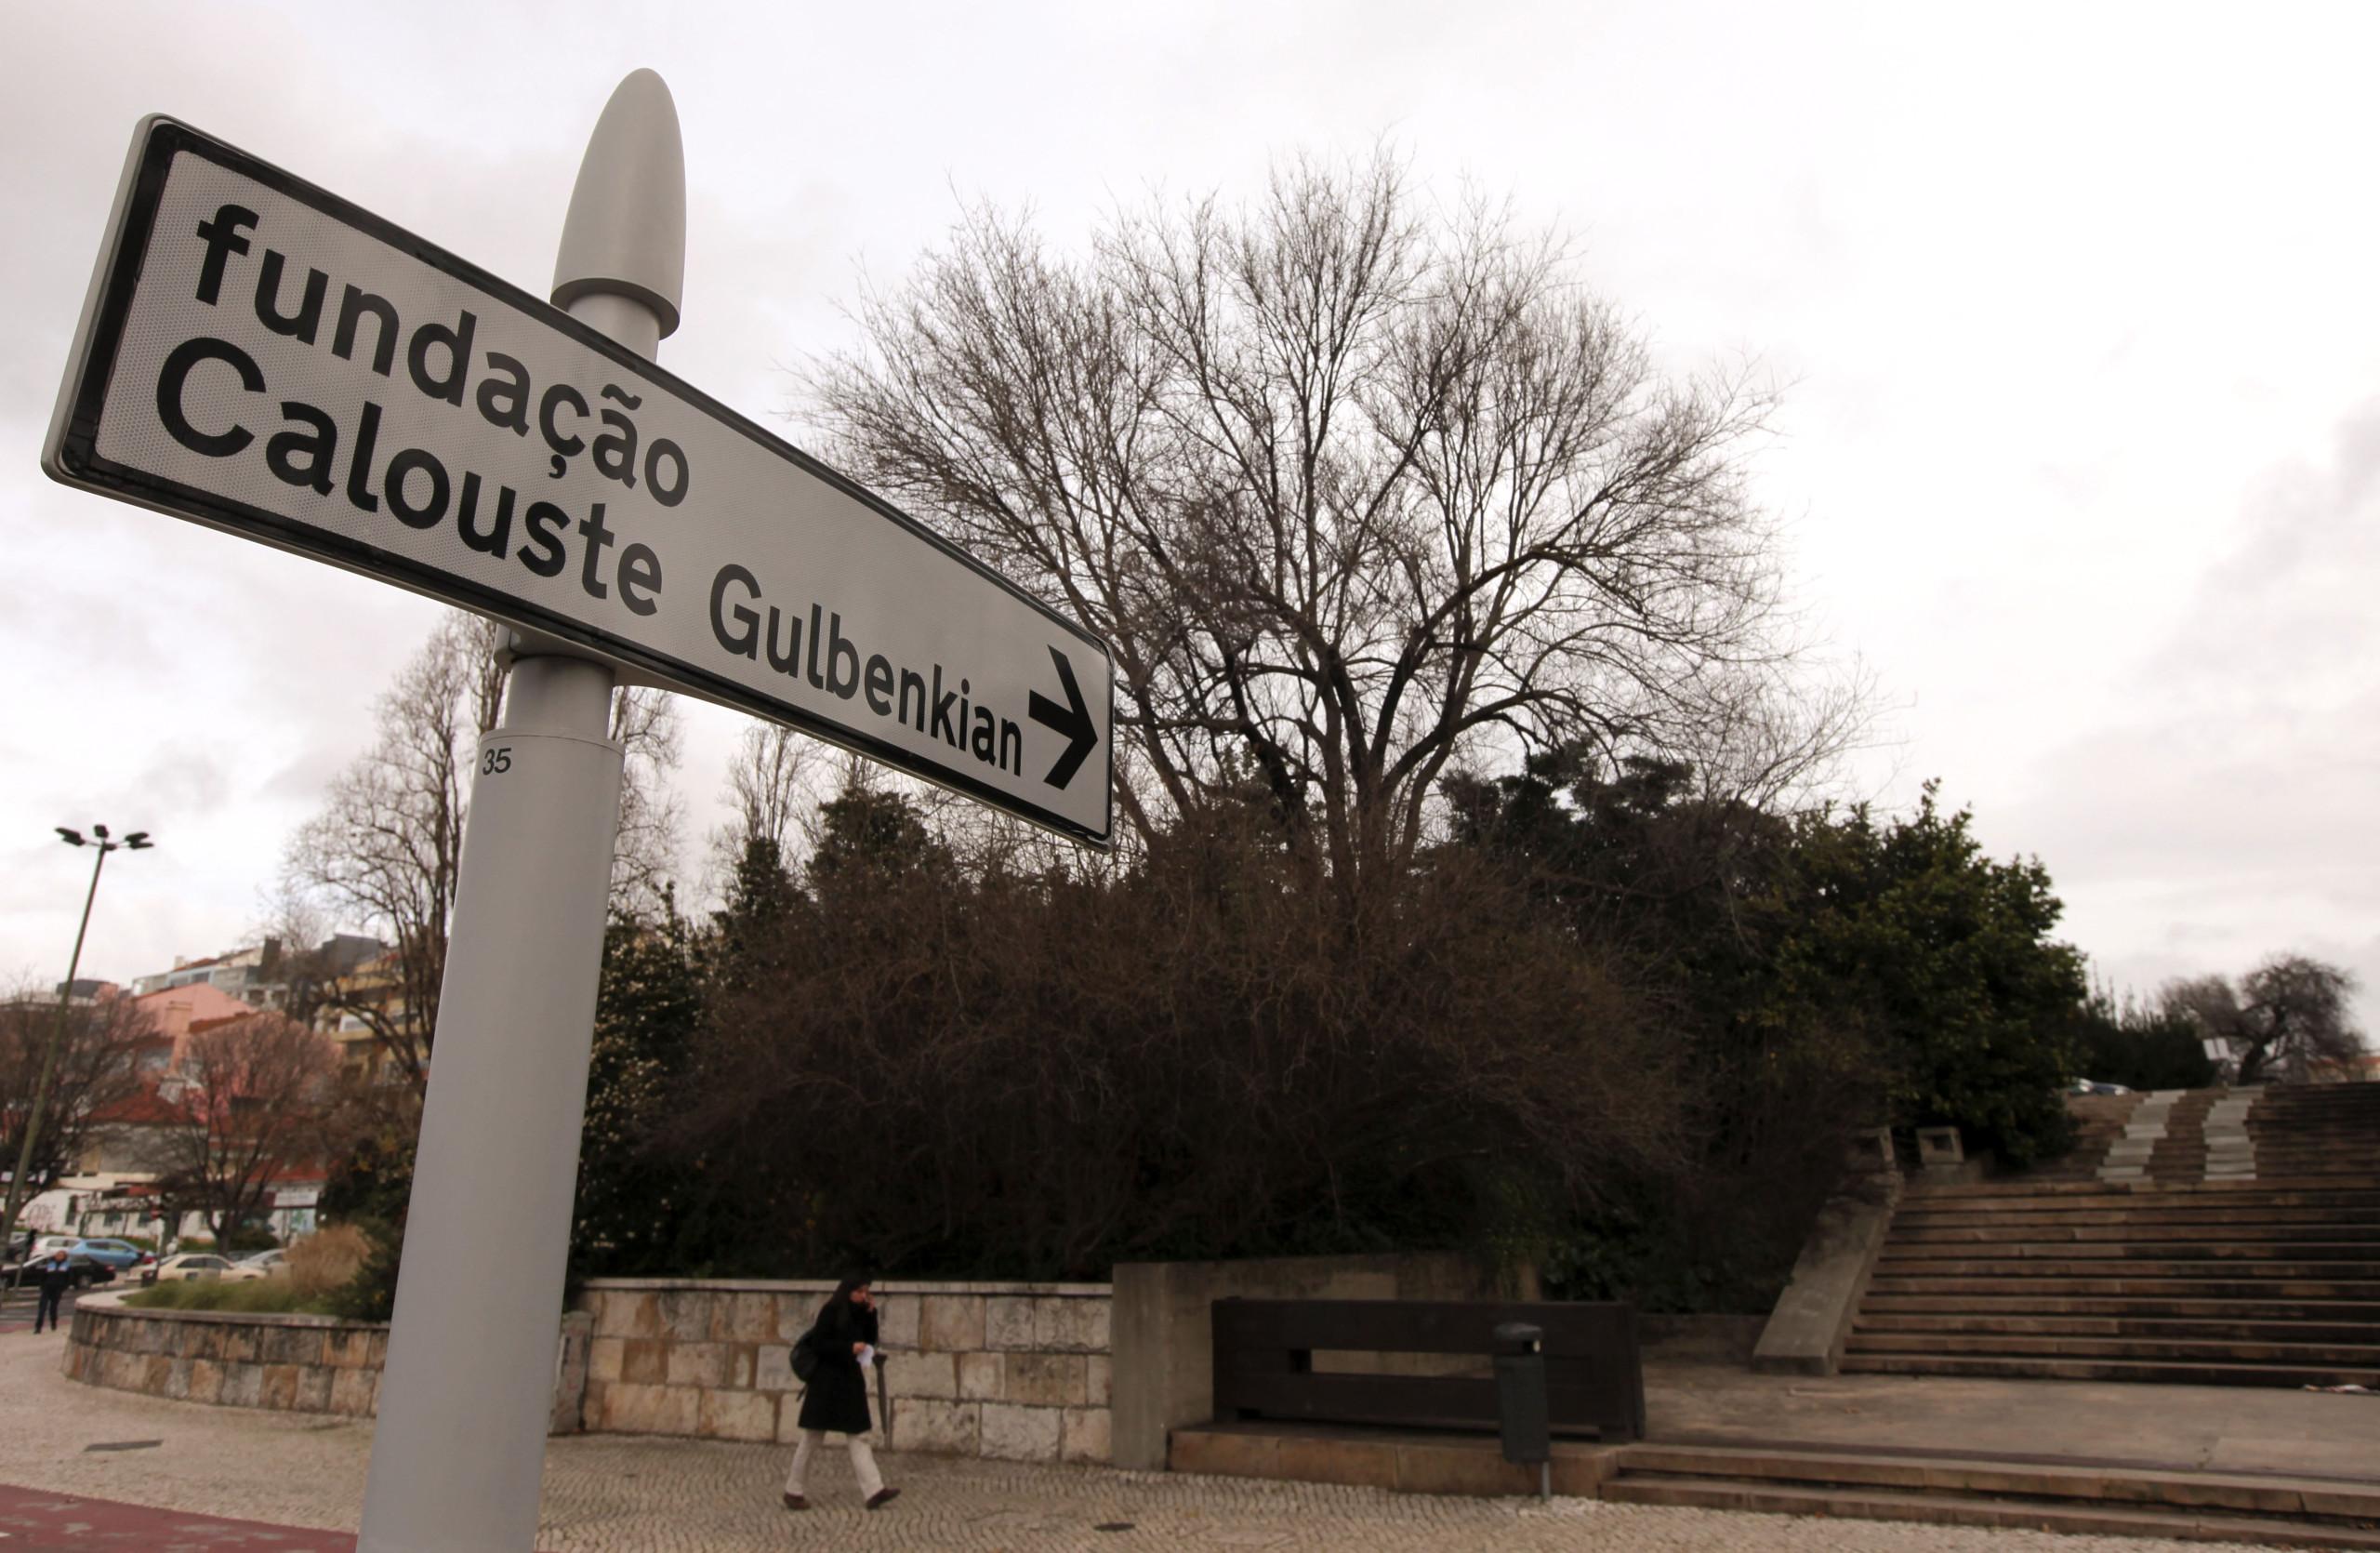 Francisco Tropa junta escultura contemporânea e artefactos em Lisboa